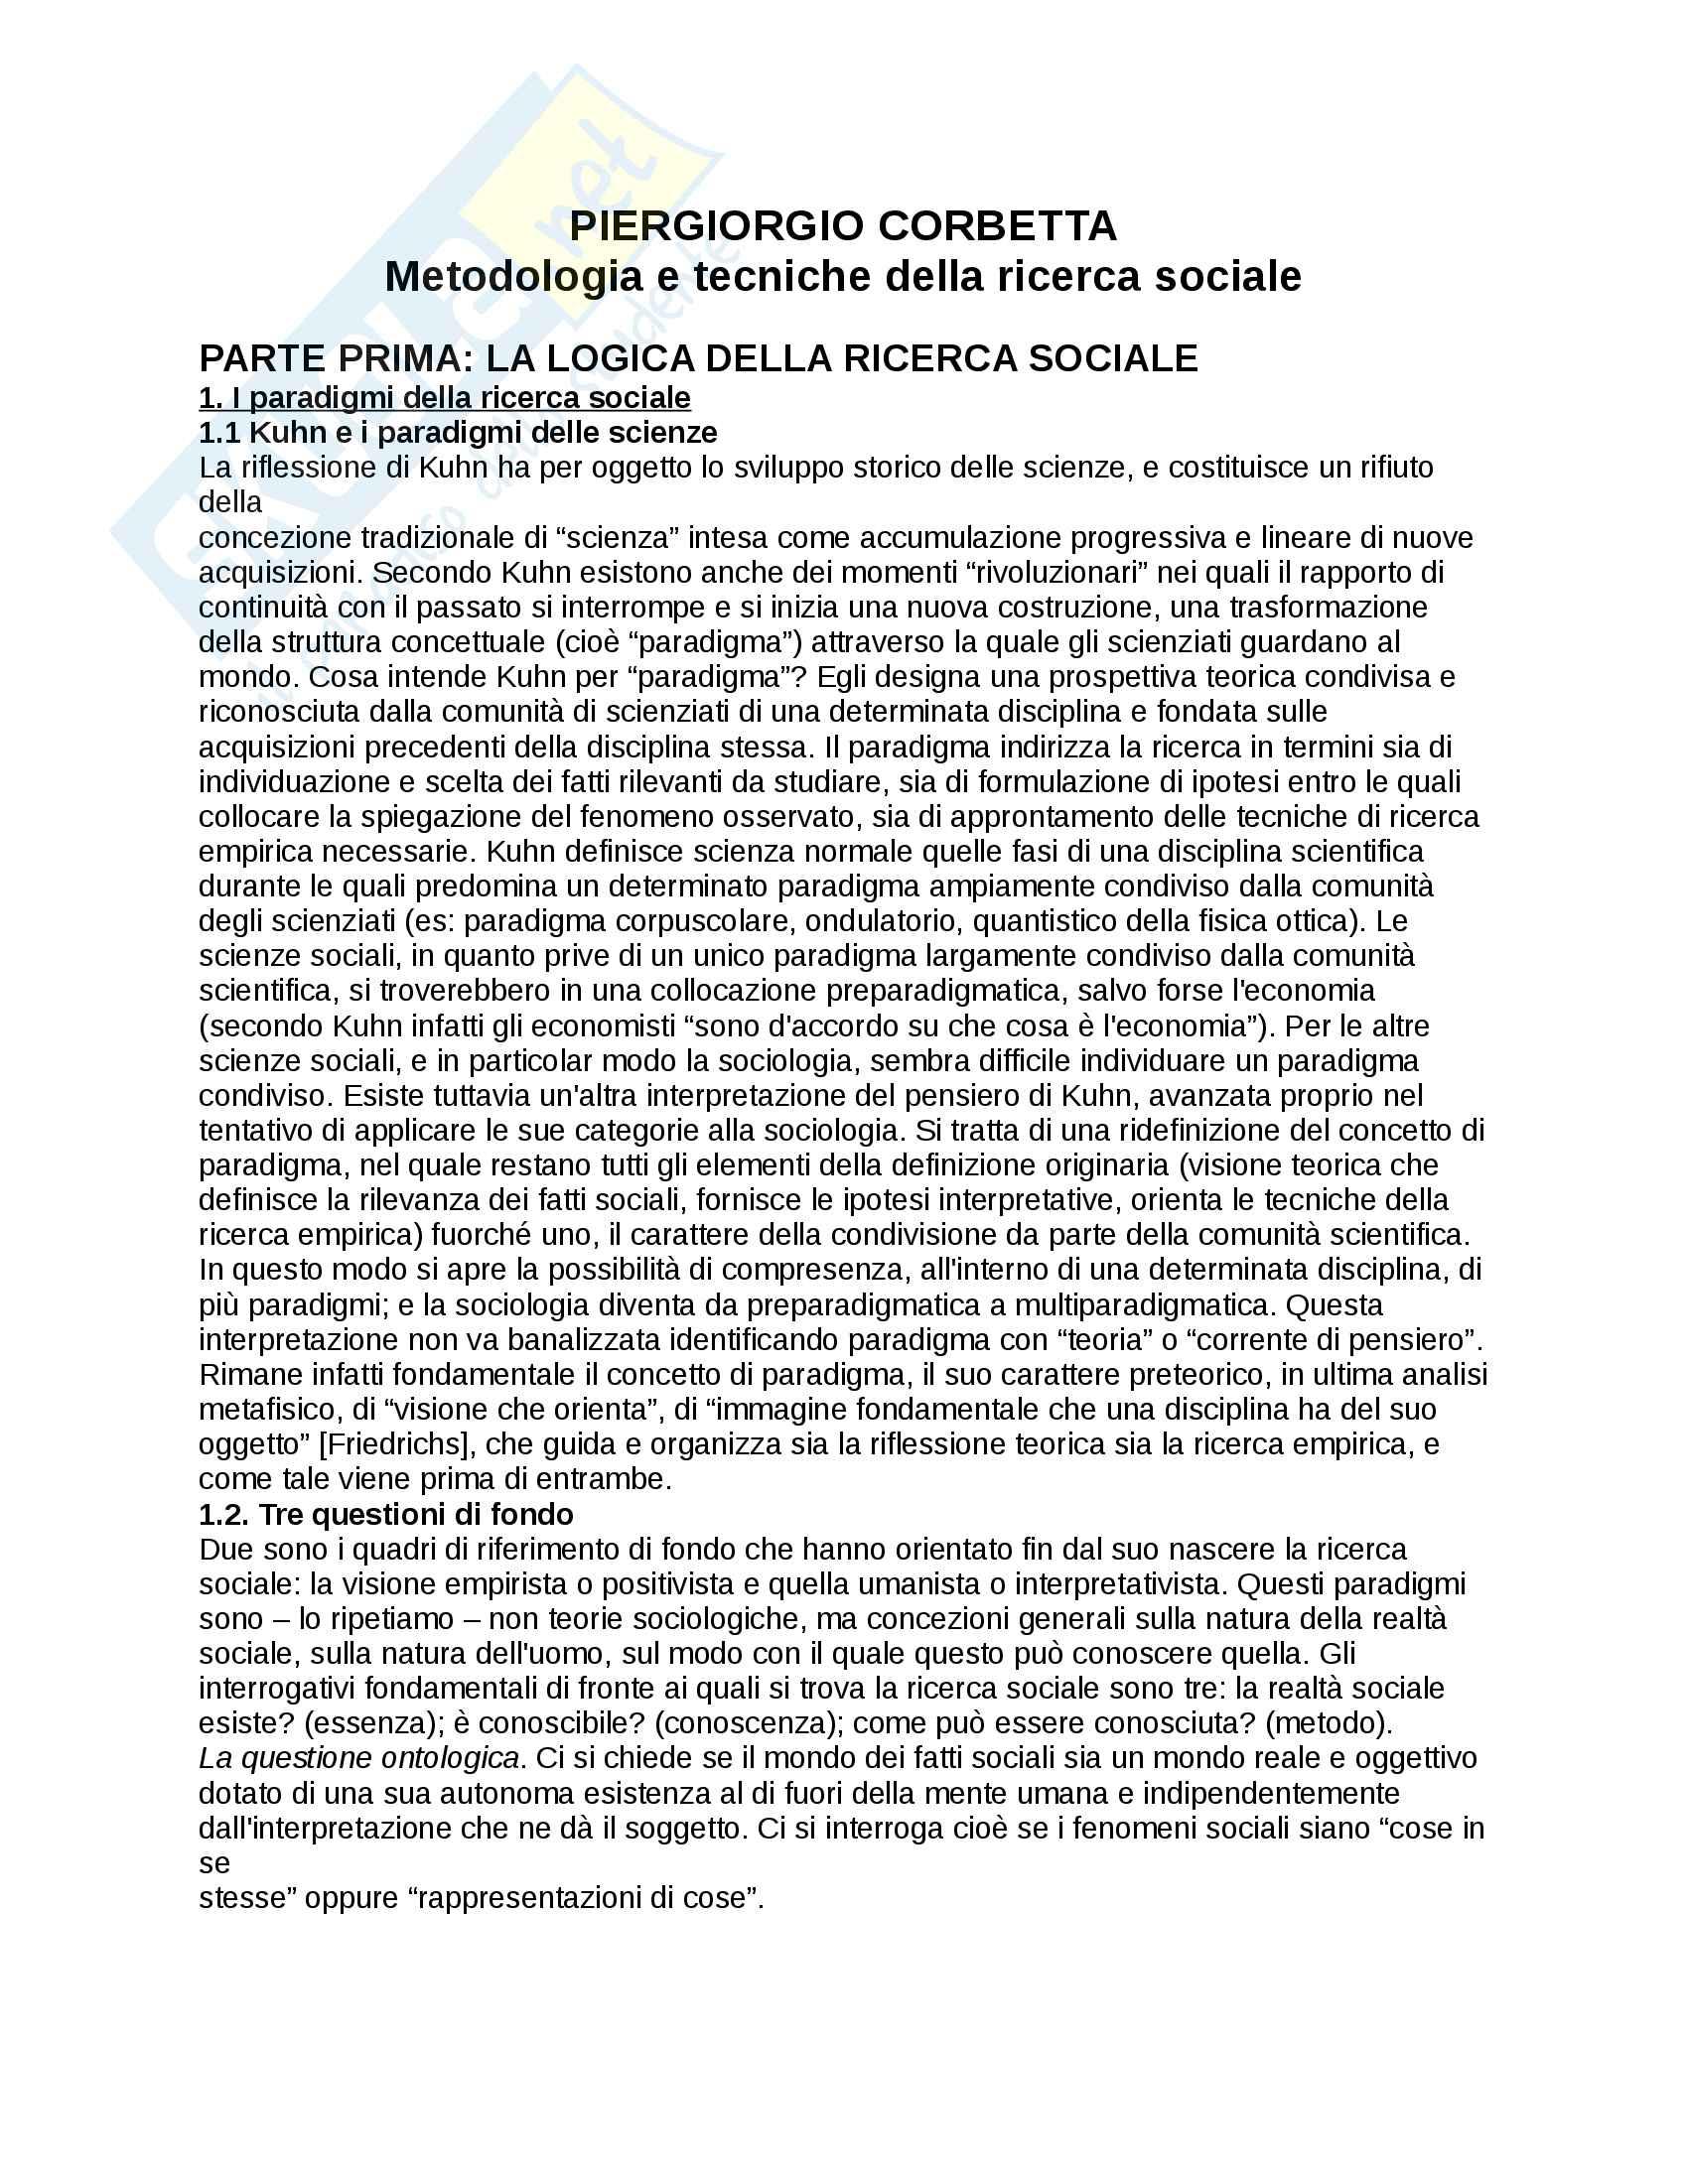 Riassunto esame Metodologia e Tecniche della Ricerca Sociale, prof. Scamuzzi, libro consigliato Metodologia e tecniche della ricerca sociale, Corbetta